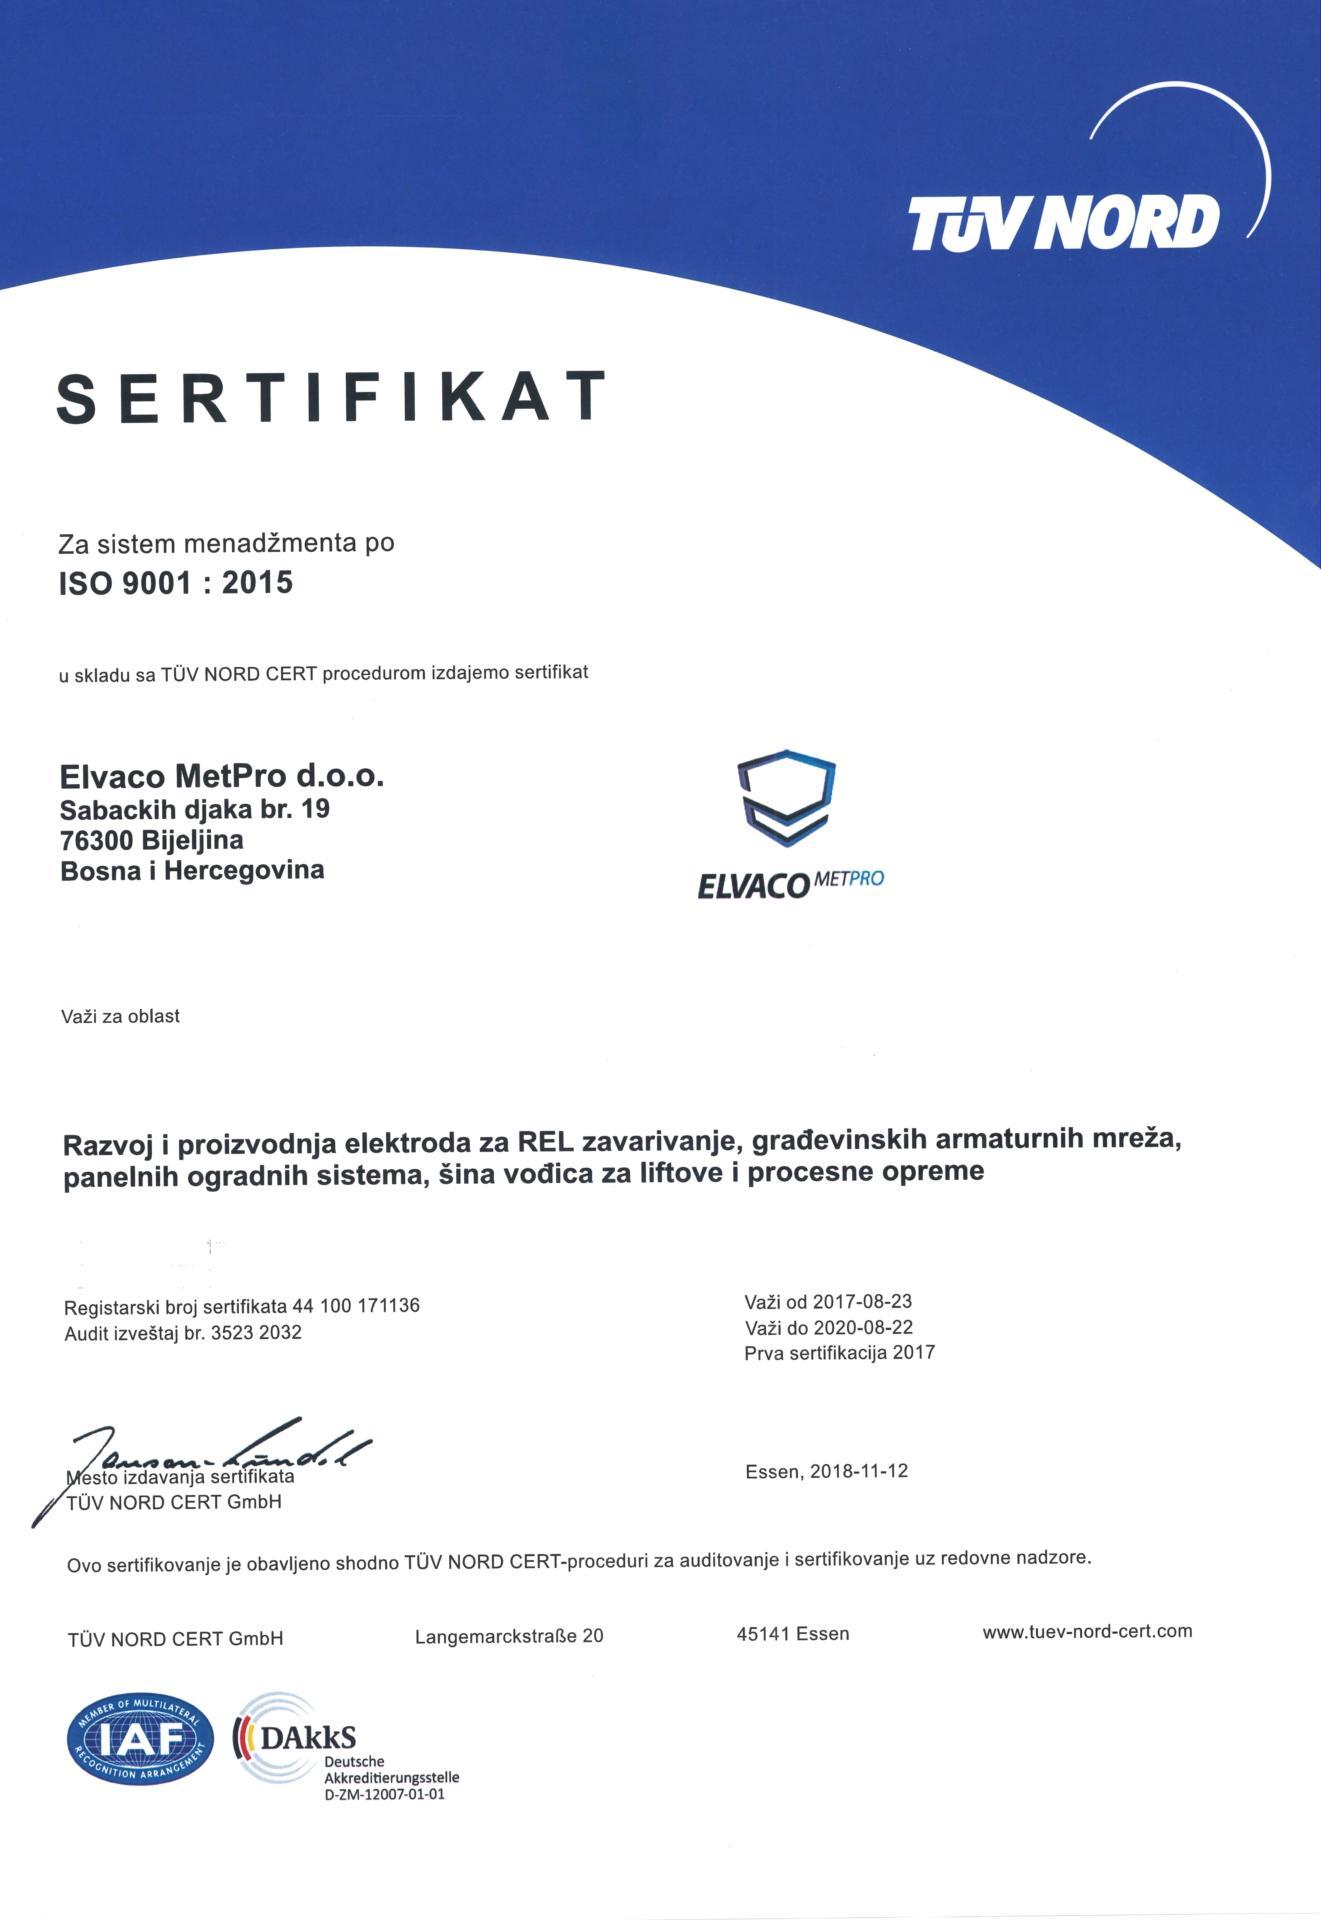 Elvaco MetPro sertifikat ISO 9001: 2015